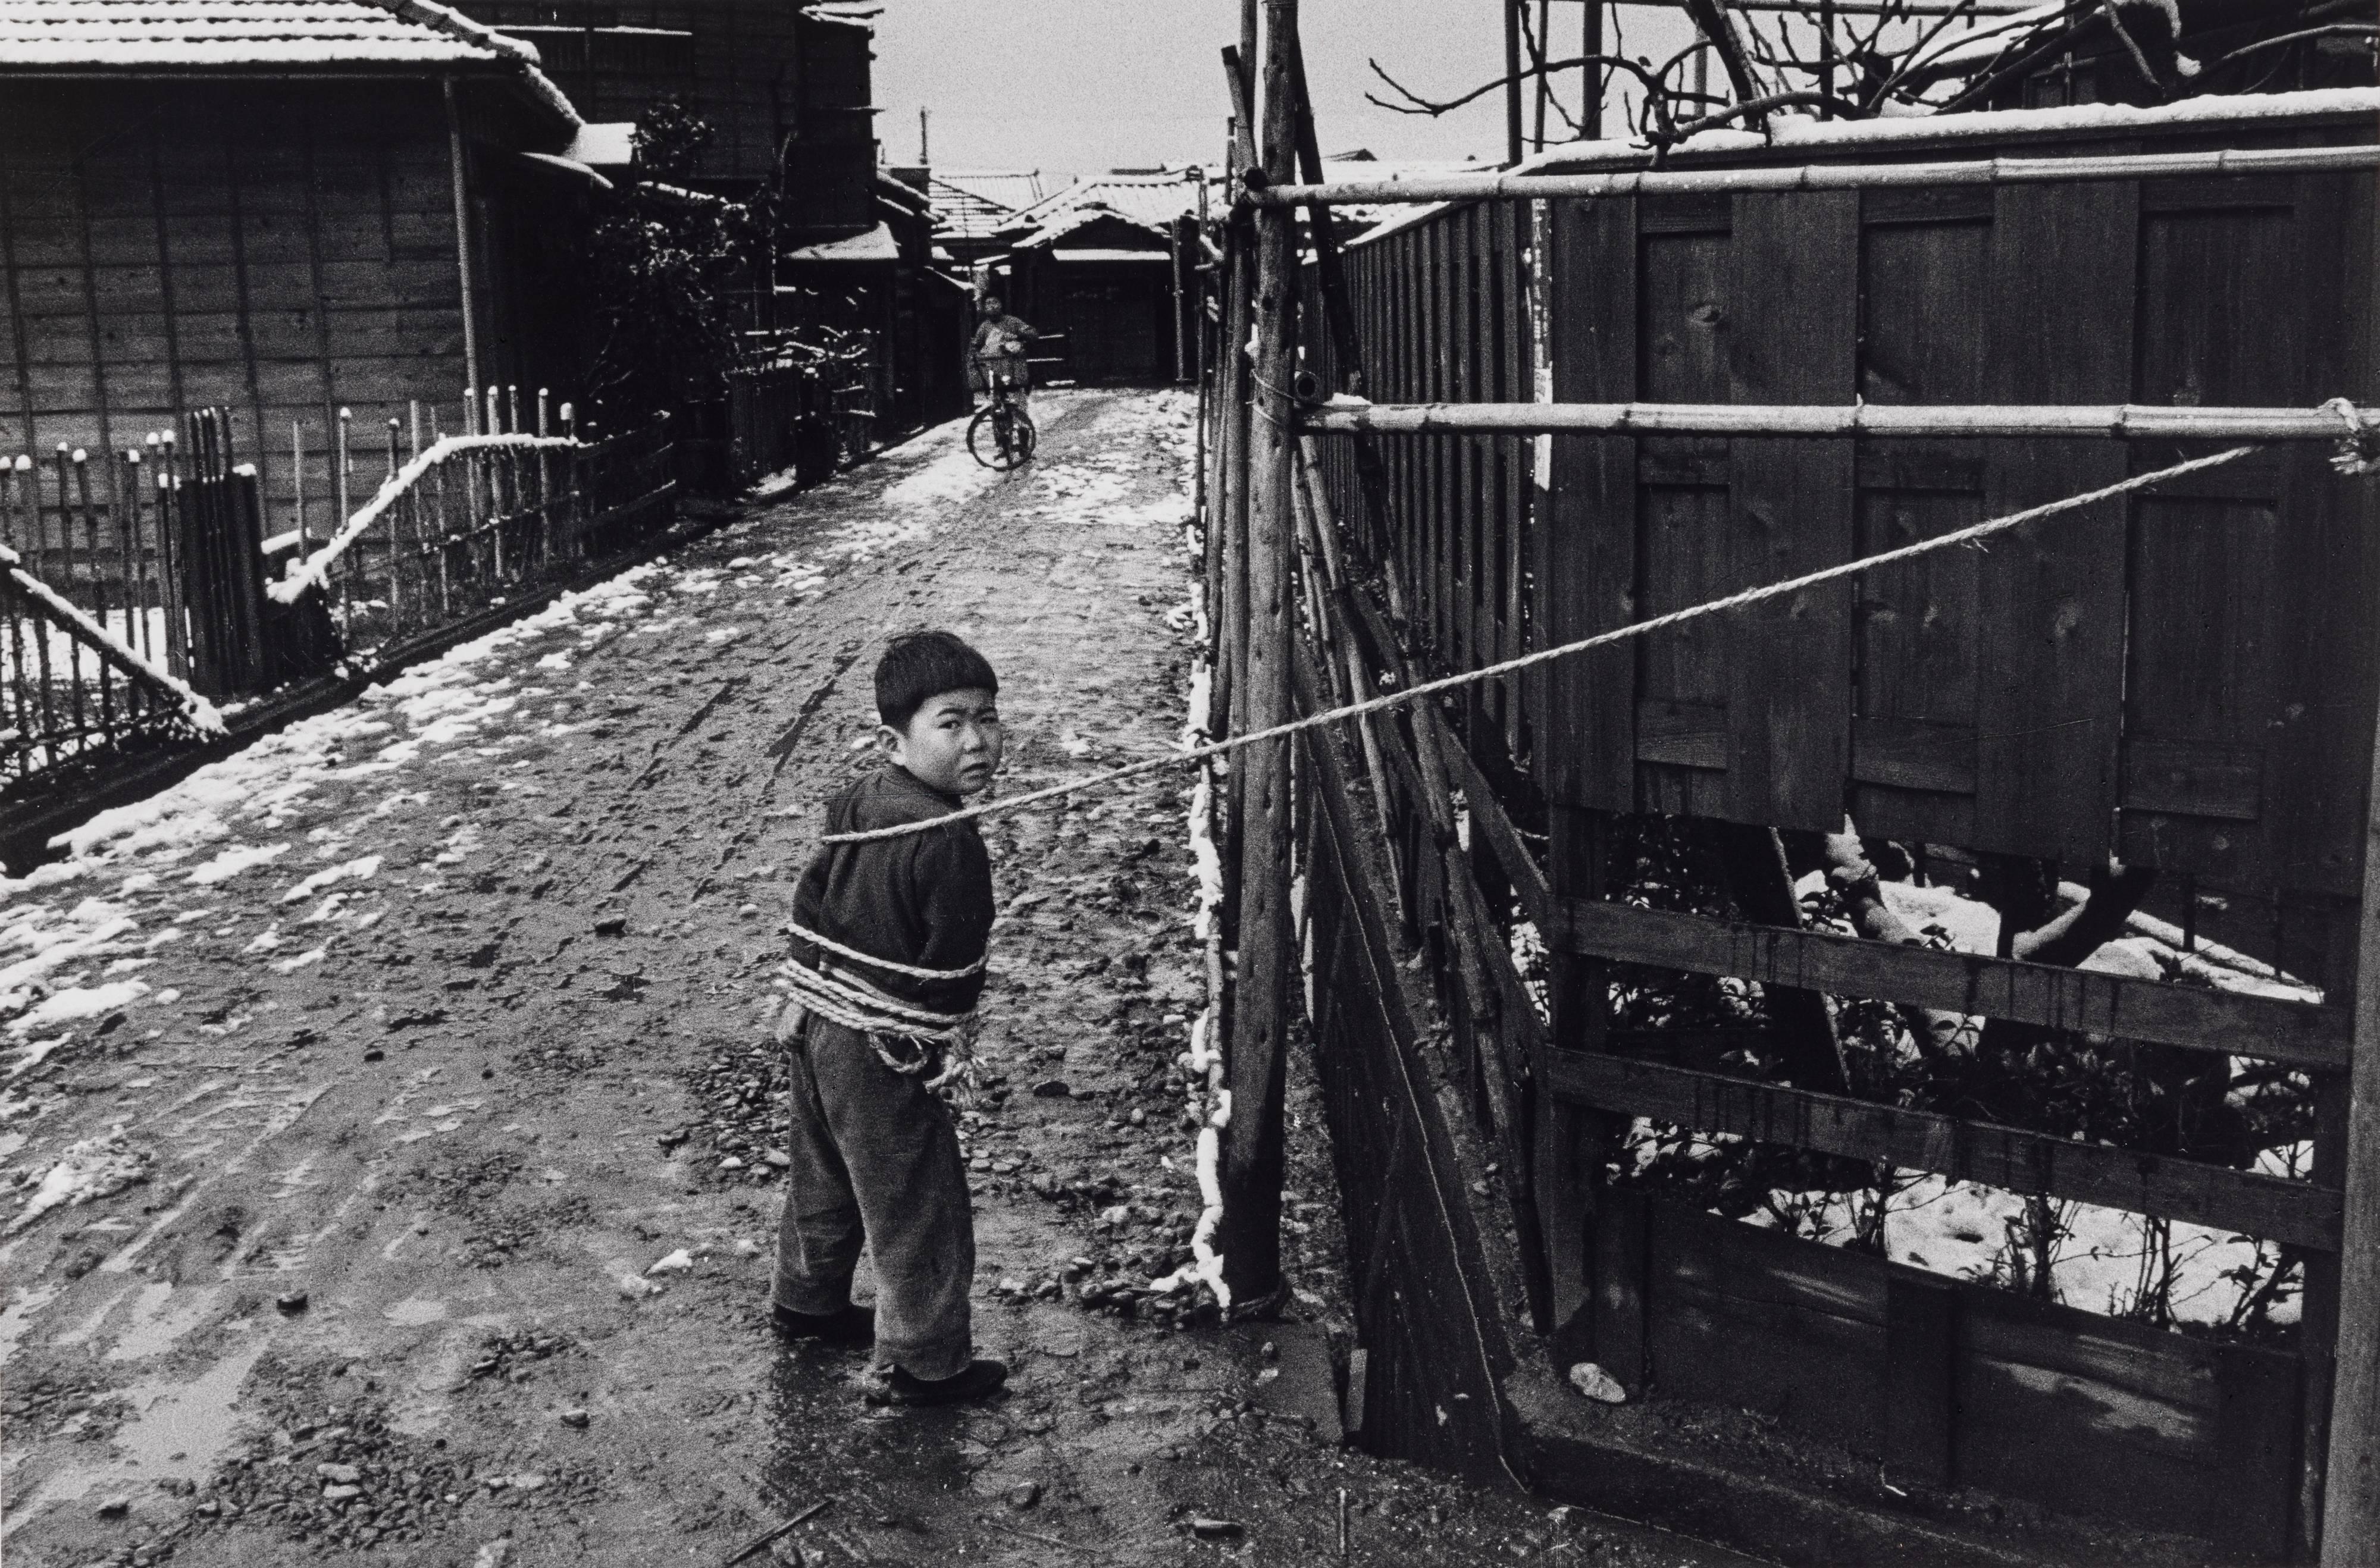 Shigeichi Nagano, Child Playing Alone (Omori, Tokyo)